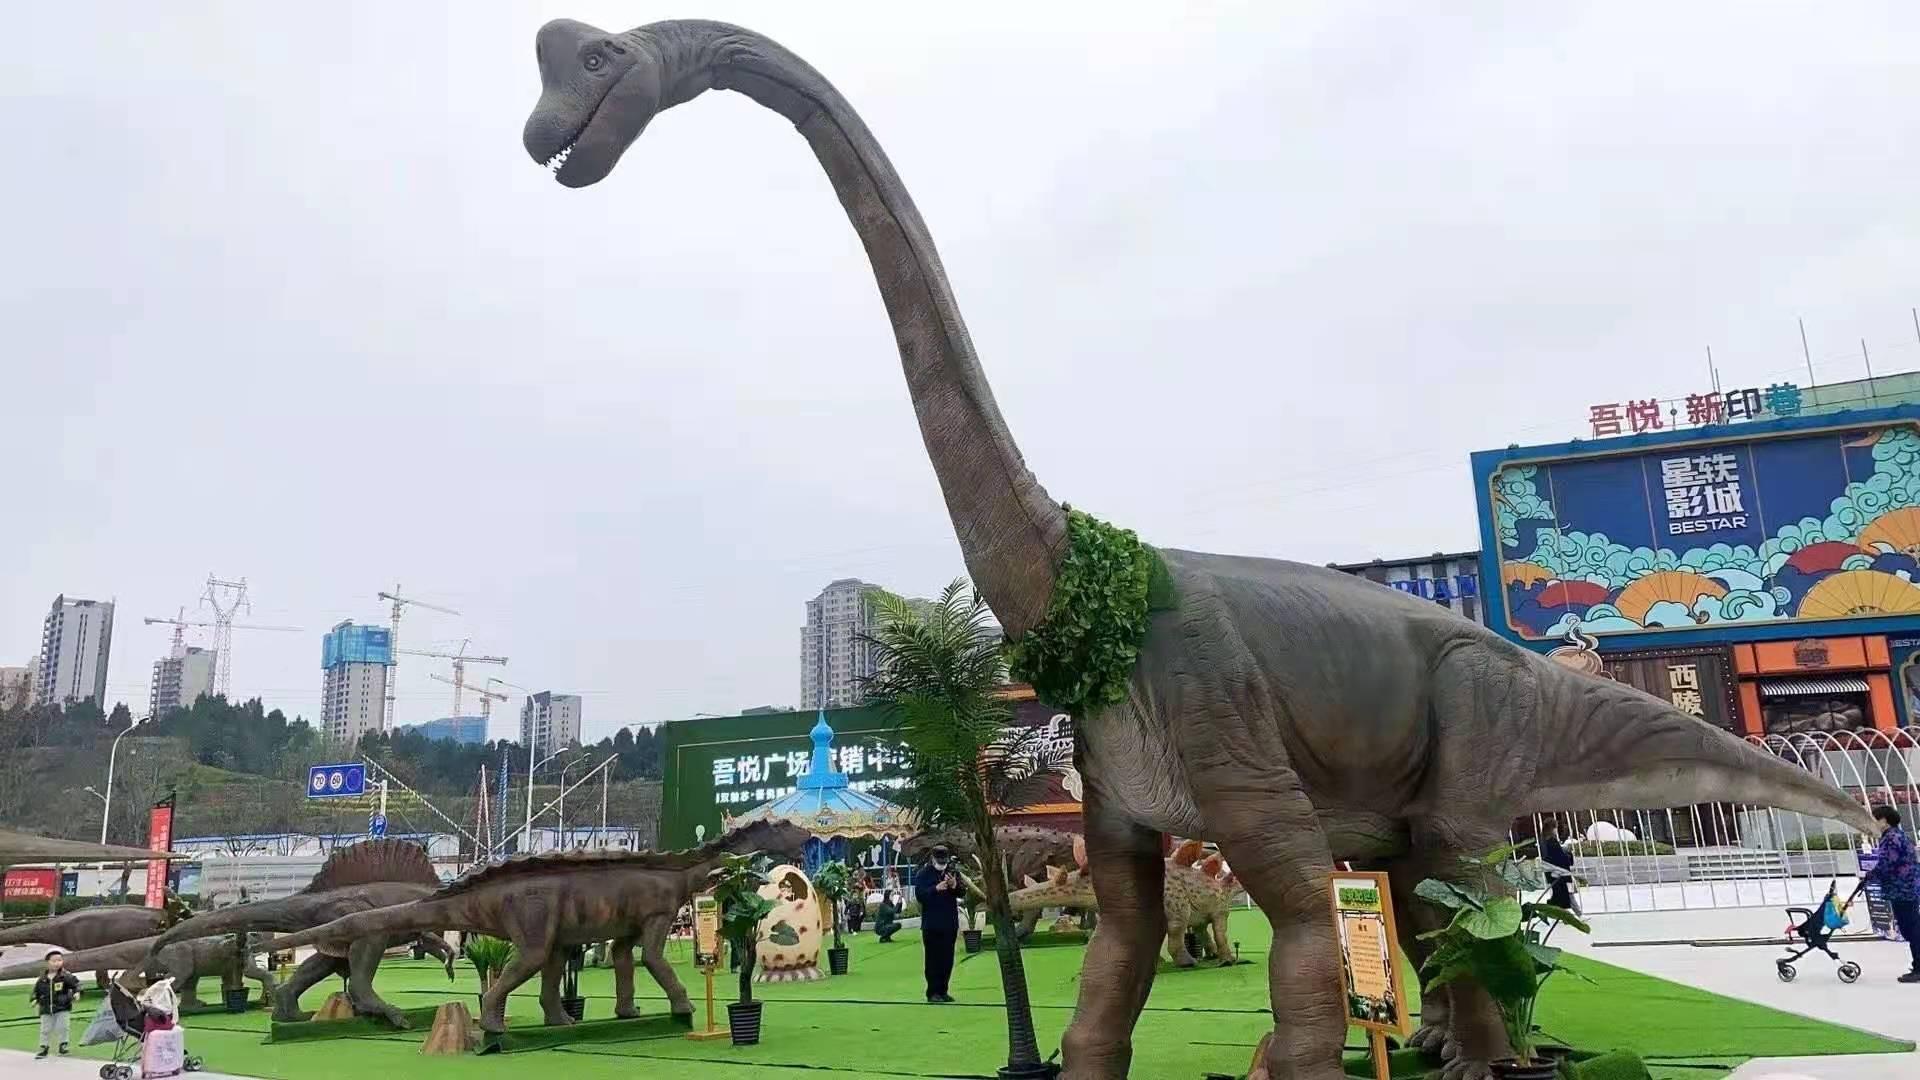 3——25米仿真恐龍**出租 行走恐龍服裝 坐騎小恐龍 小朋友的較愛 仿真恐龍簡介 介紹